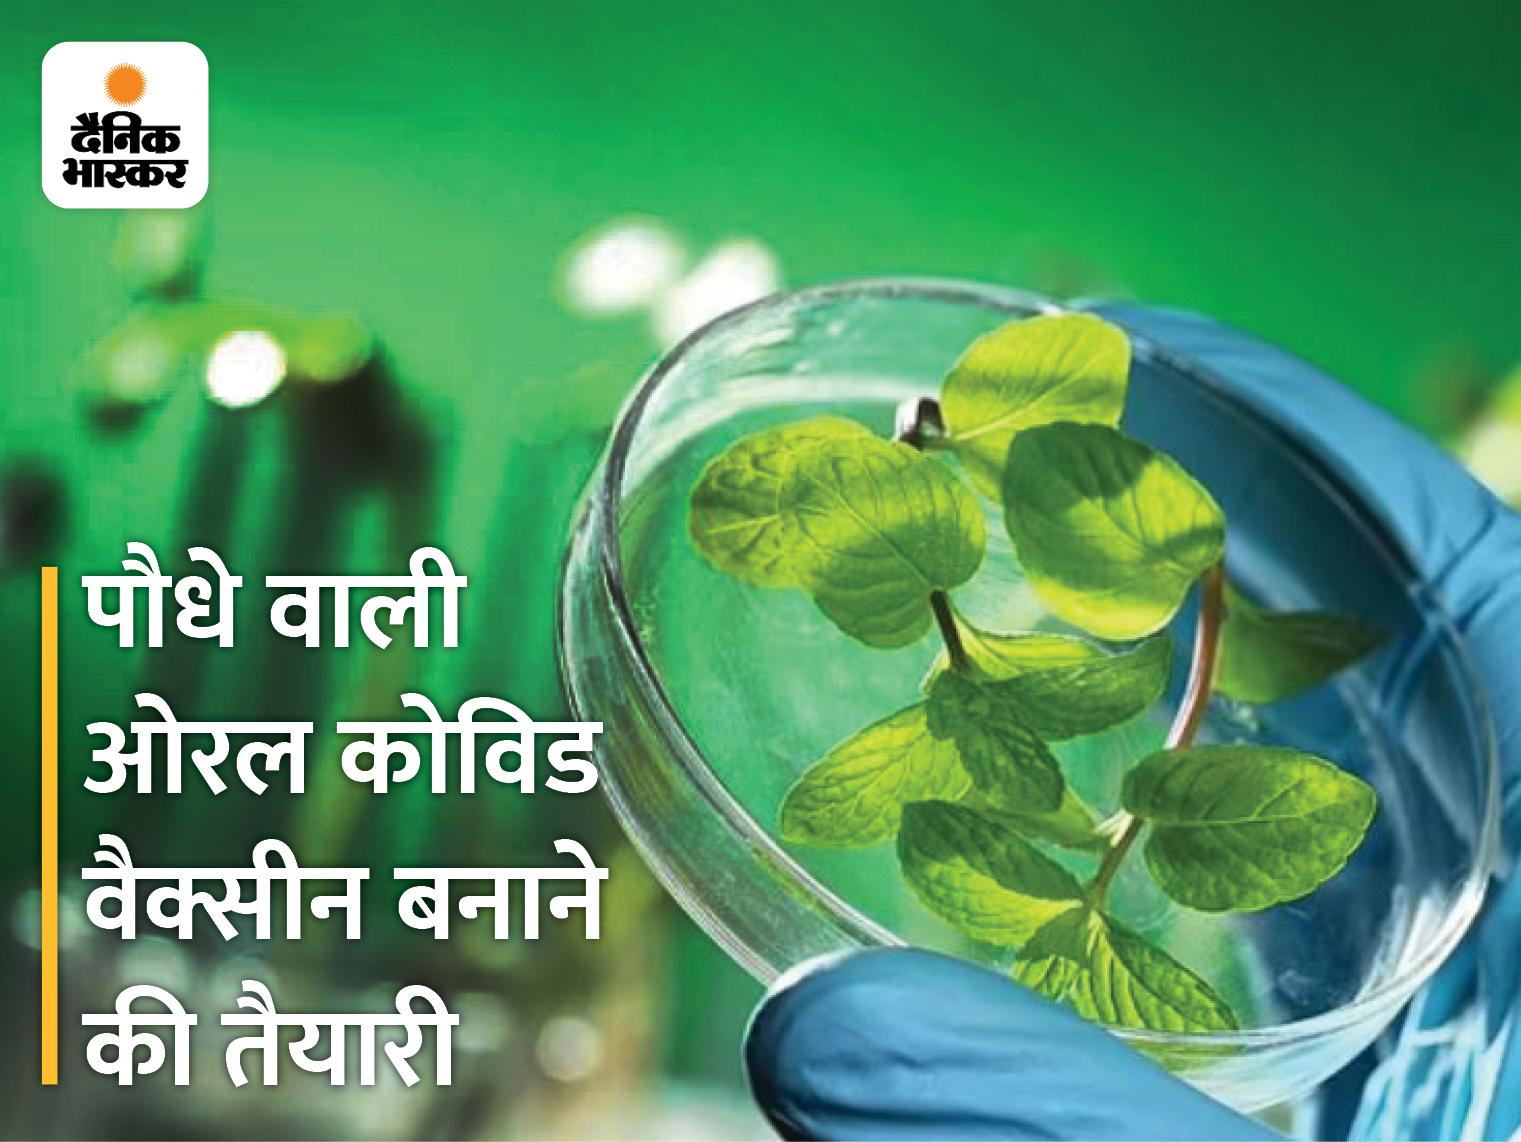 पौधा खाते ही शरीर में पहुंचेगी कोरोना की वैक्सीन, अमेरिकी वैज्ञानिक डेवलप कर रहे है ऐसा प्लांट|लाइफ & साइंस,Happy Life - Dainik Bhaskar